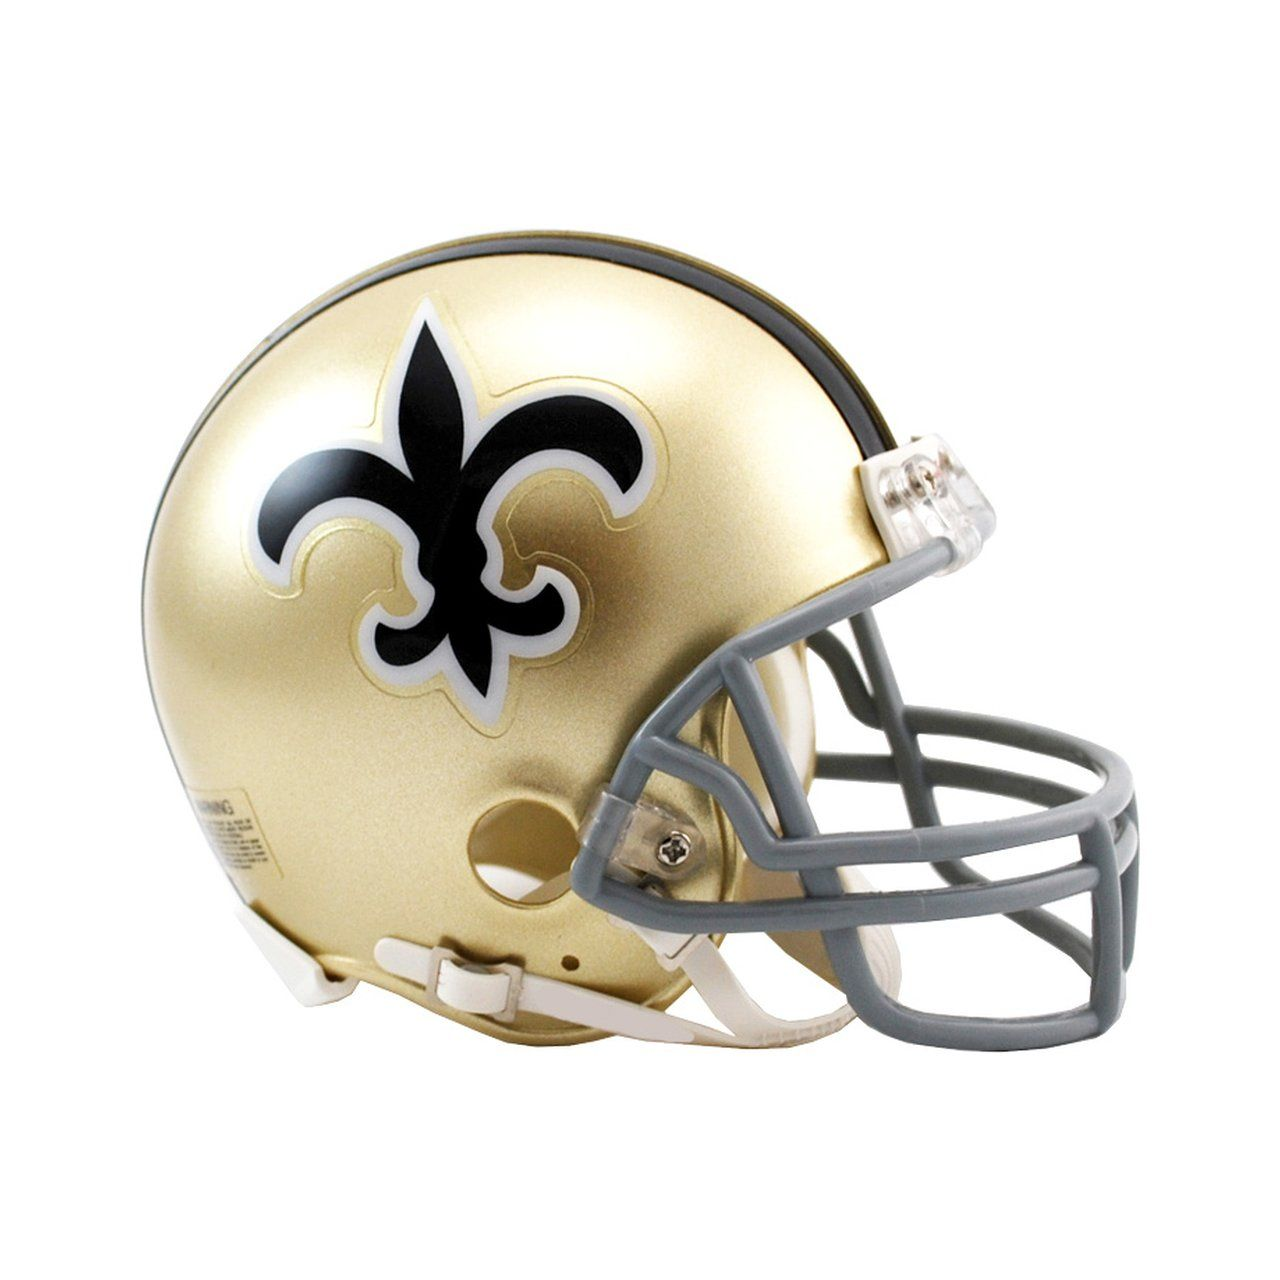 amfoo - Riddell VSR4 Mini Football Helm - New Orleans Saints 1967-75